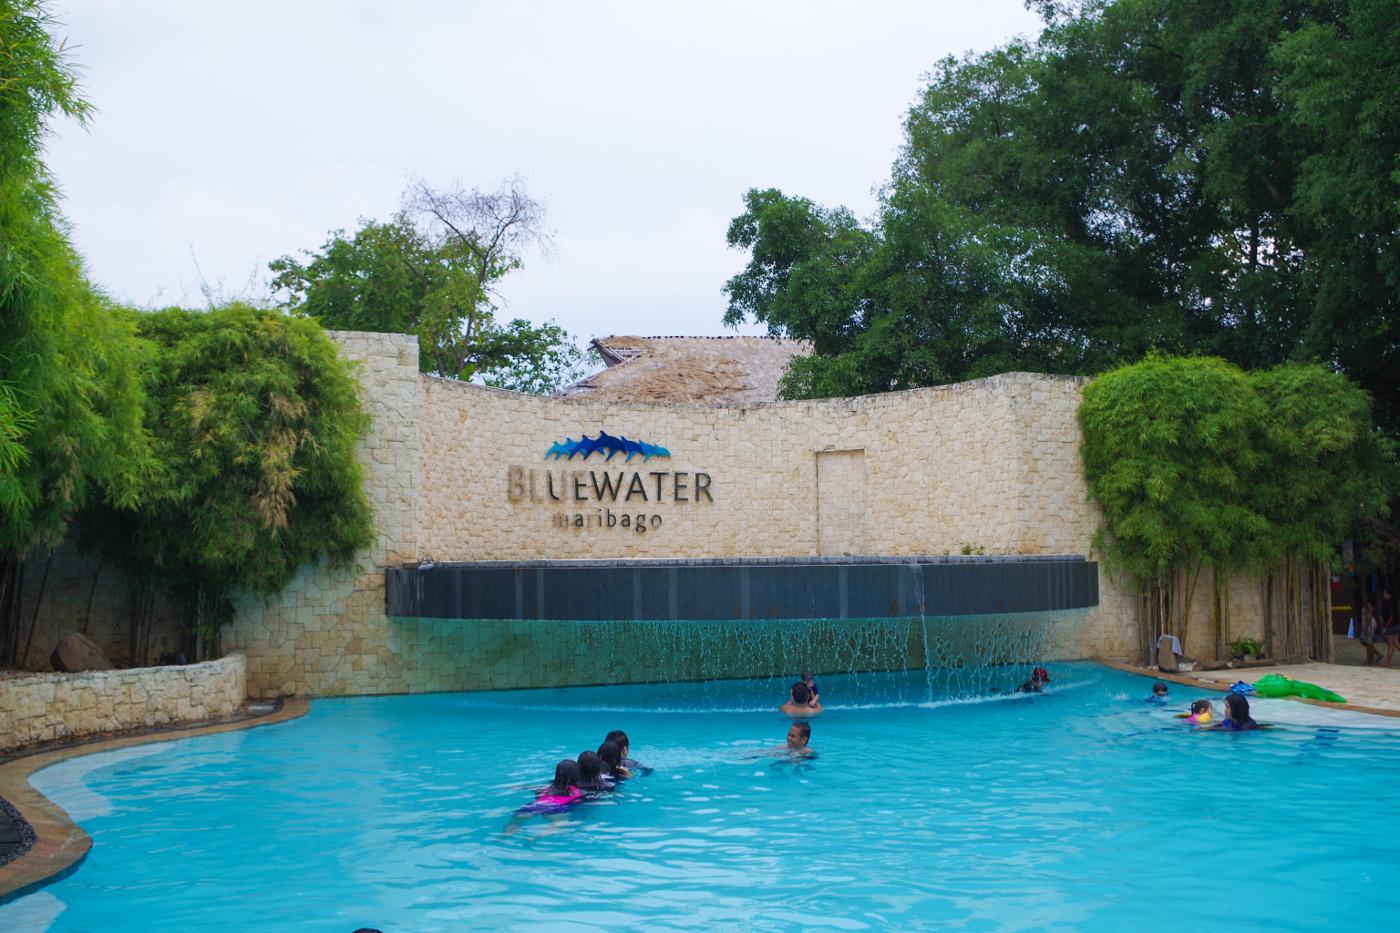 マリバゴブルーウォーターのプール2